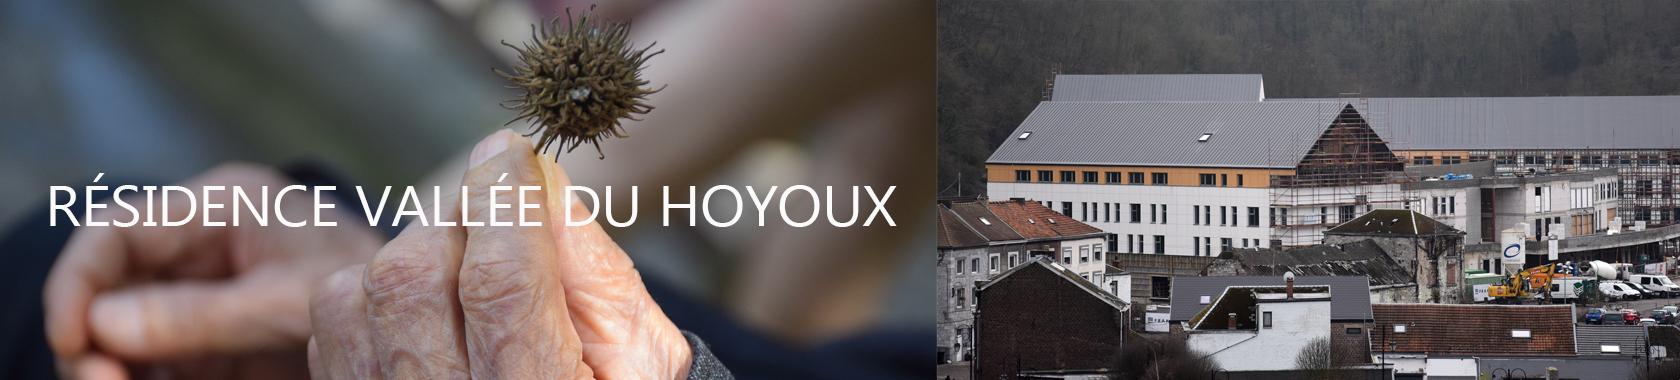 Résidence Vallée du Hoyoux